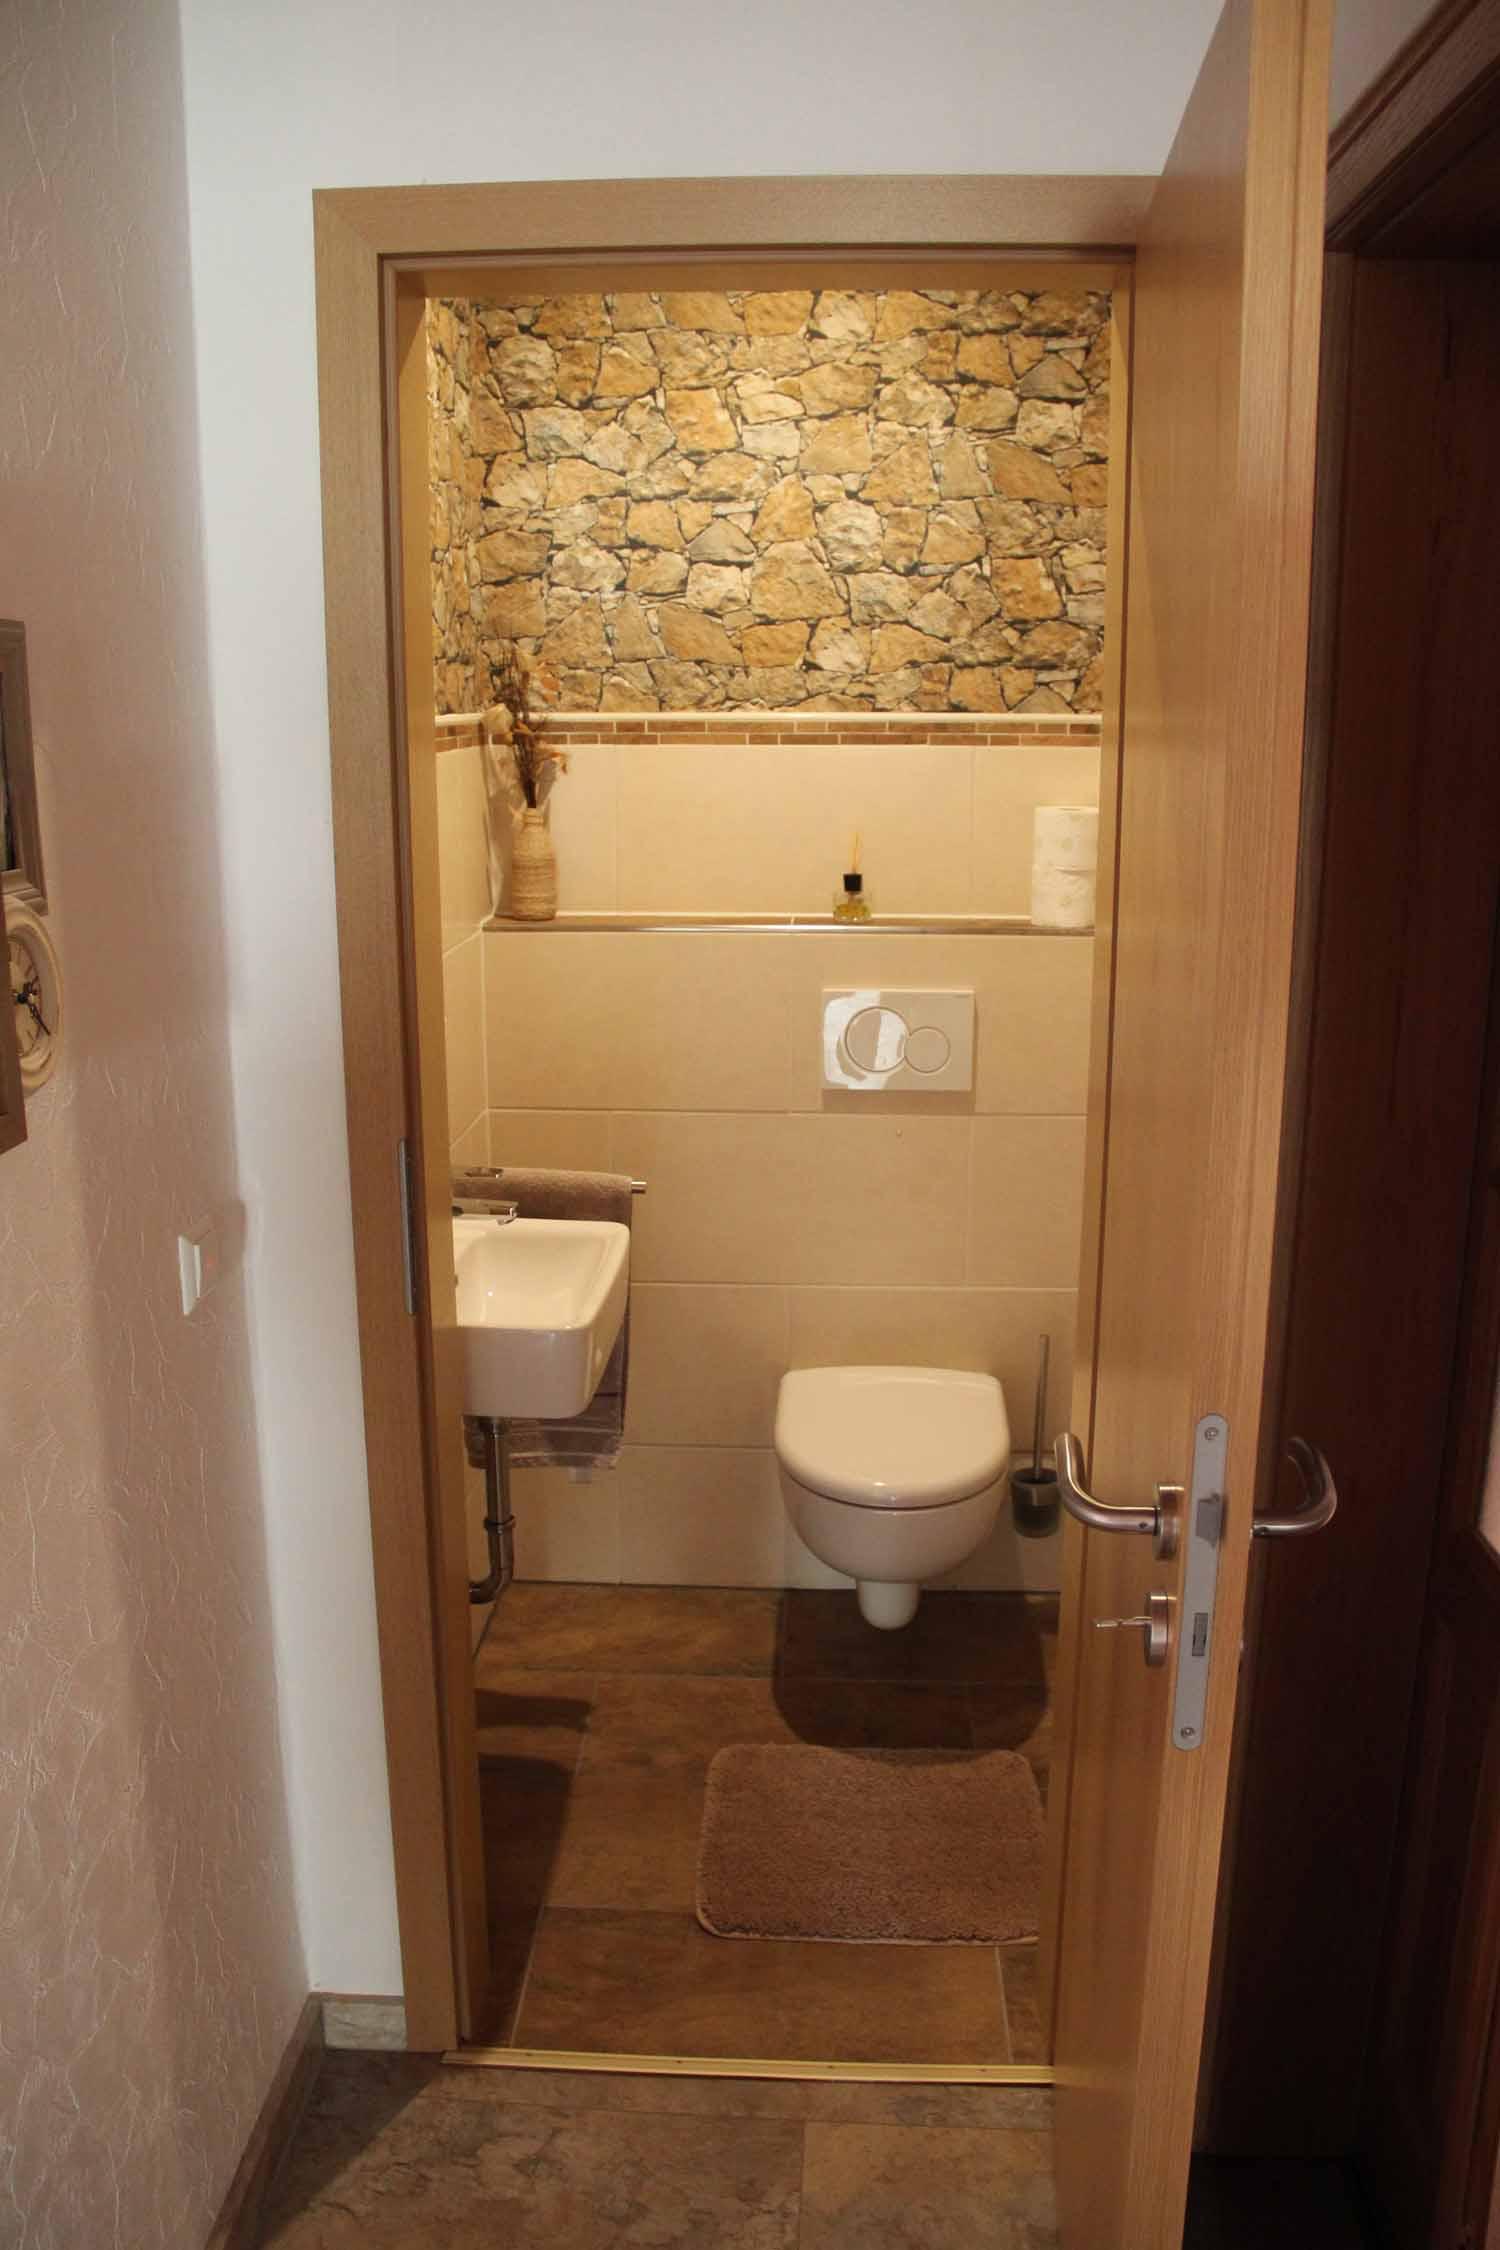 gaste wc moderne deko idee perfekt gste wc gestaltung wc gestalten schne ideen fr ein kleines. Black Bedroom Furniture Sets. Home Design Ideas